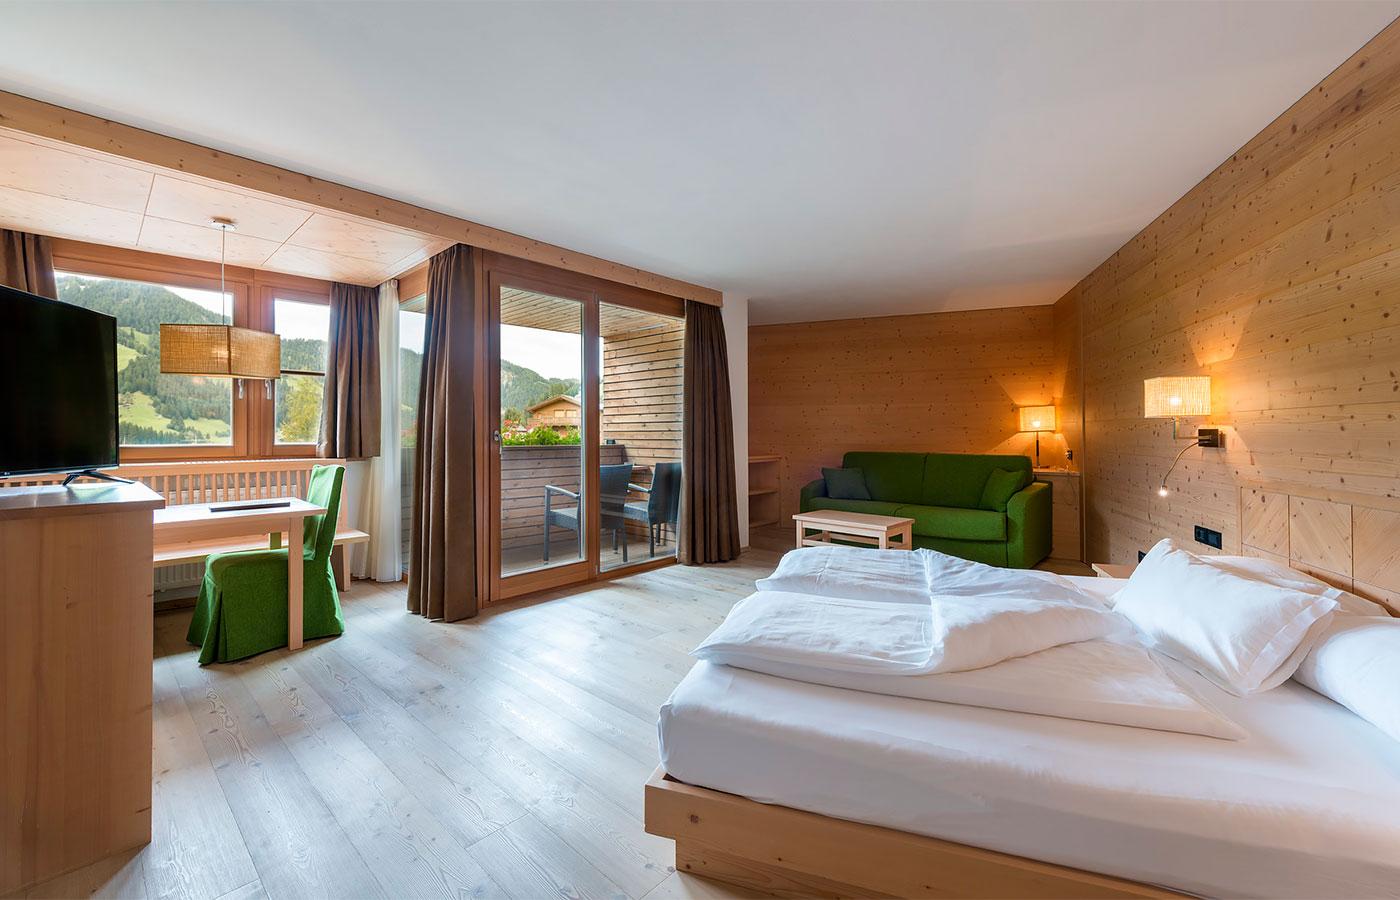 Camere in val badia scopri l hotel cavallino - Residence val badia con piscina ...